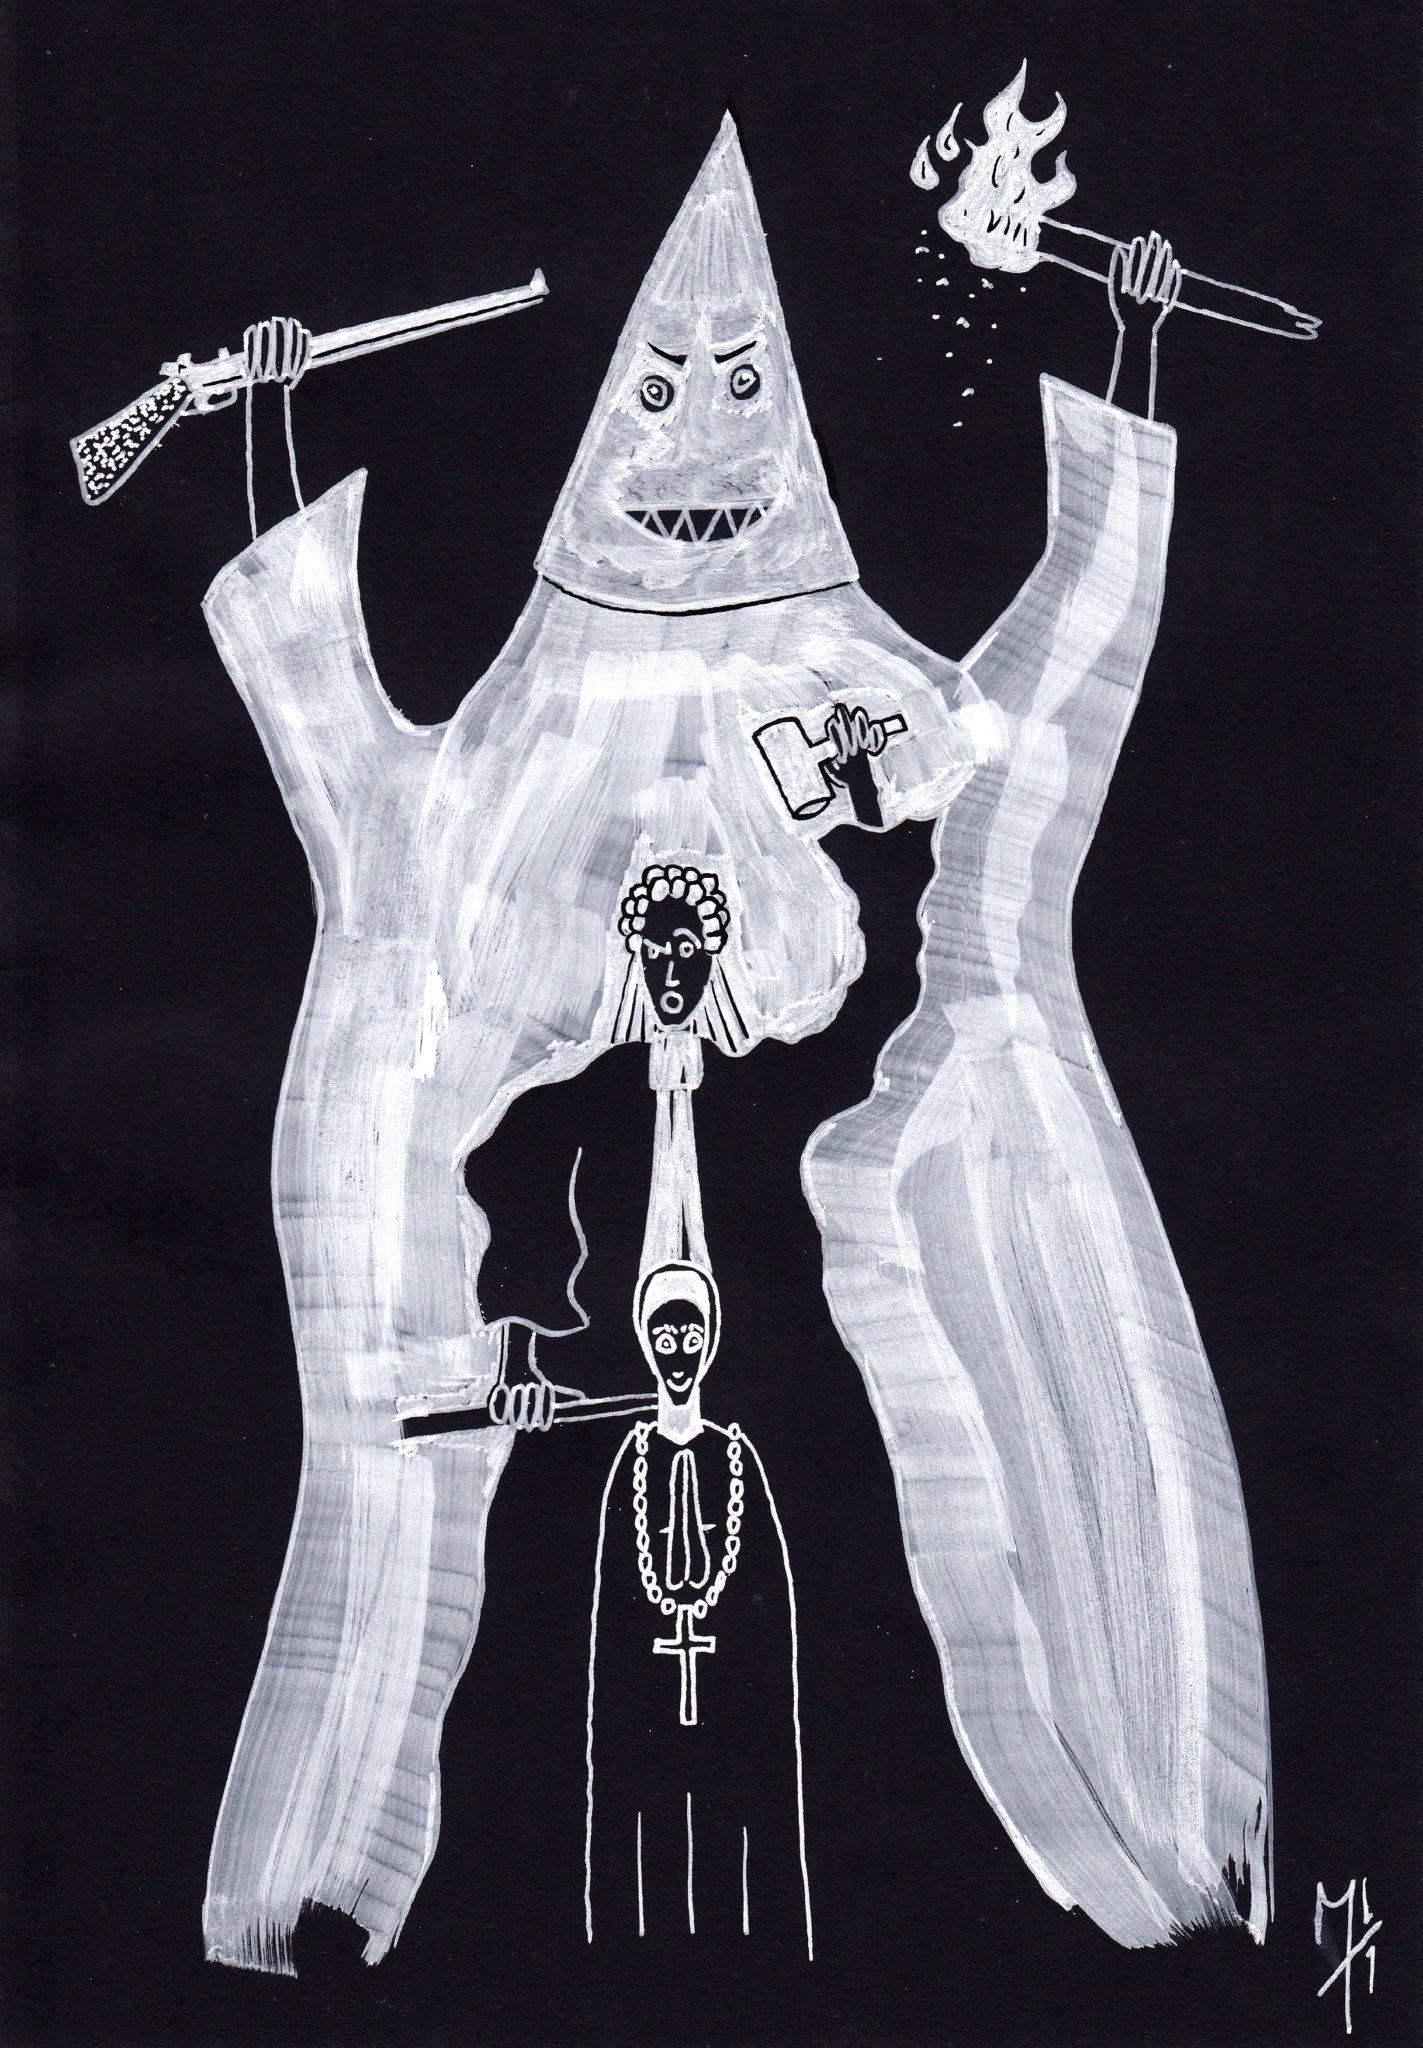 Dessin blanc sur fond noir : trois personnages, l'un derrière l'autre. Au premier plan, le plus petit est une religieuse. Derrière elle, plus grand, se tient un juge en robe et perruque qui lève son marteau. Derrière lui, immense, un membre du Ku Klux Klan dans son costume blanc à capuche brandit d'une main un fusil et de l'autre, une torche allumée.